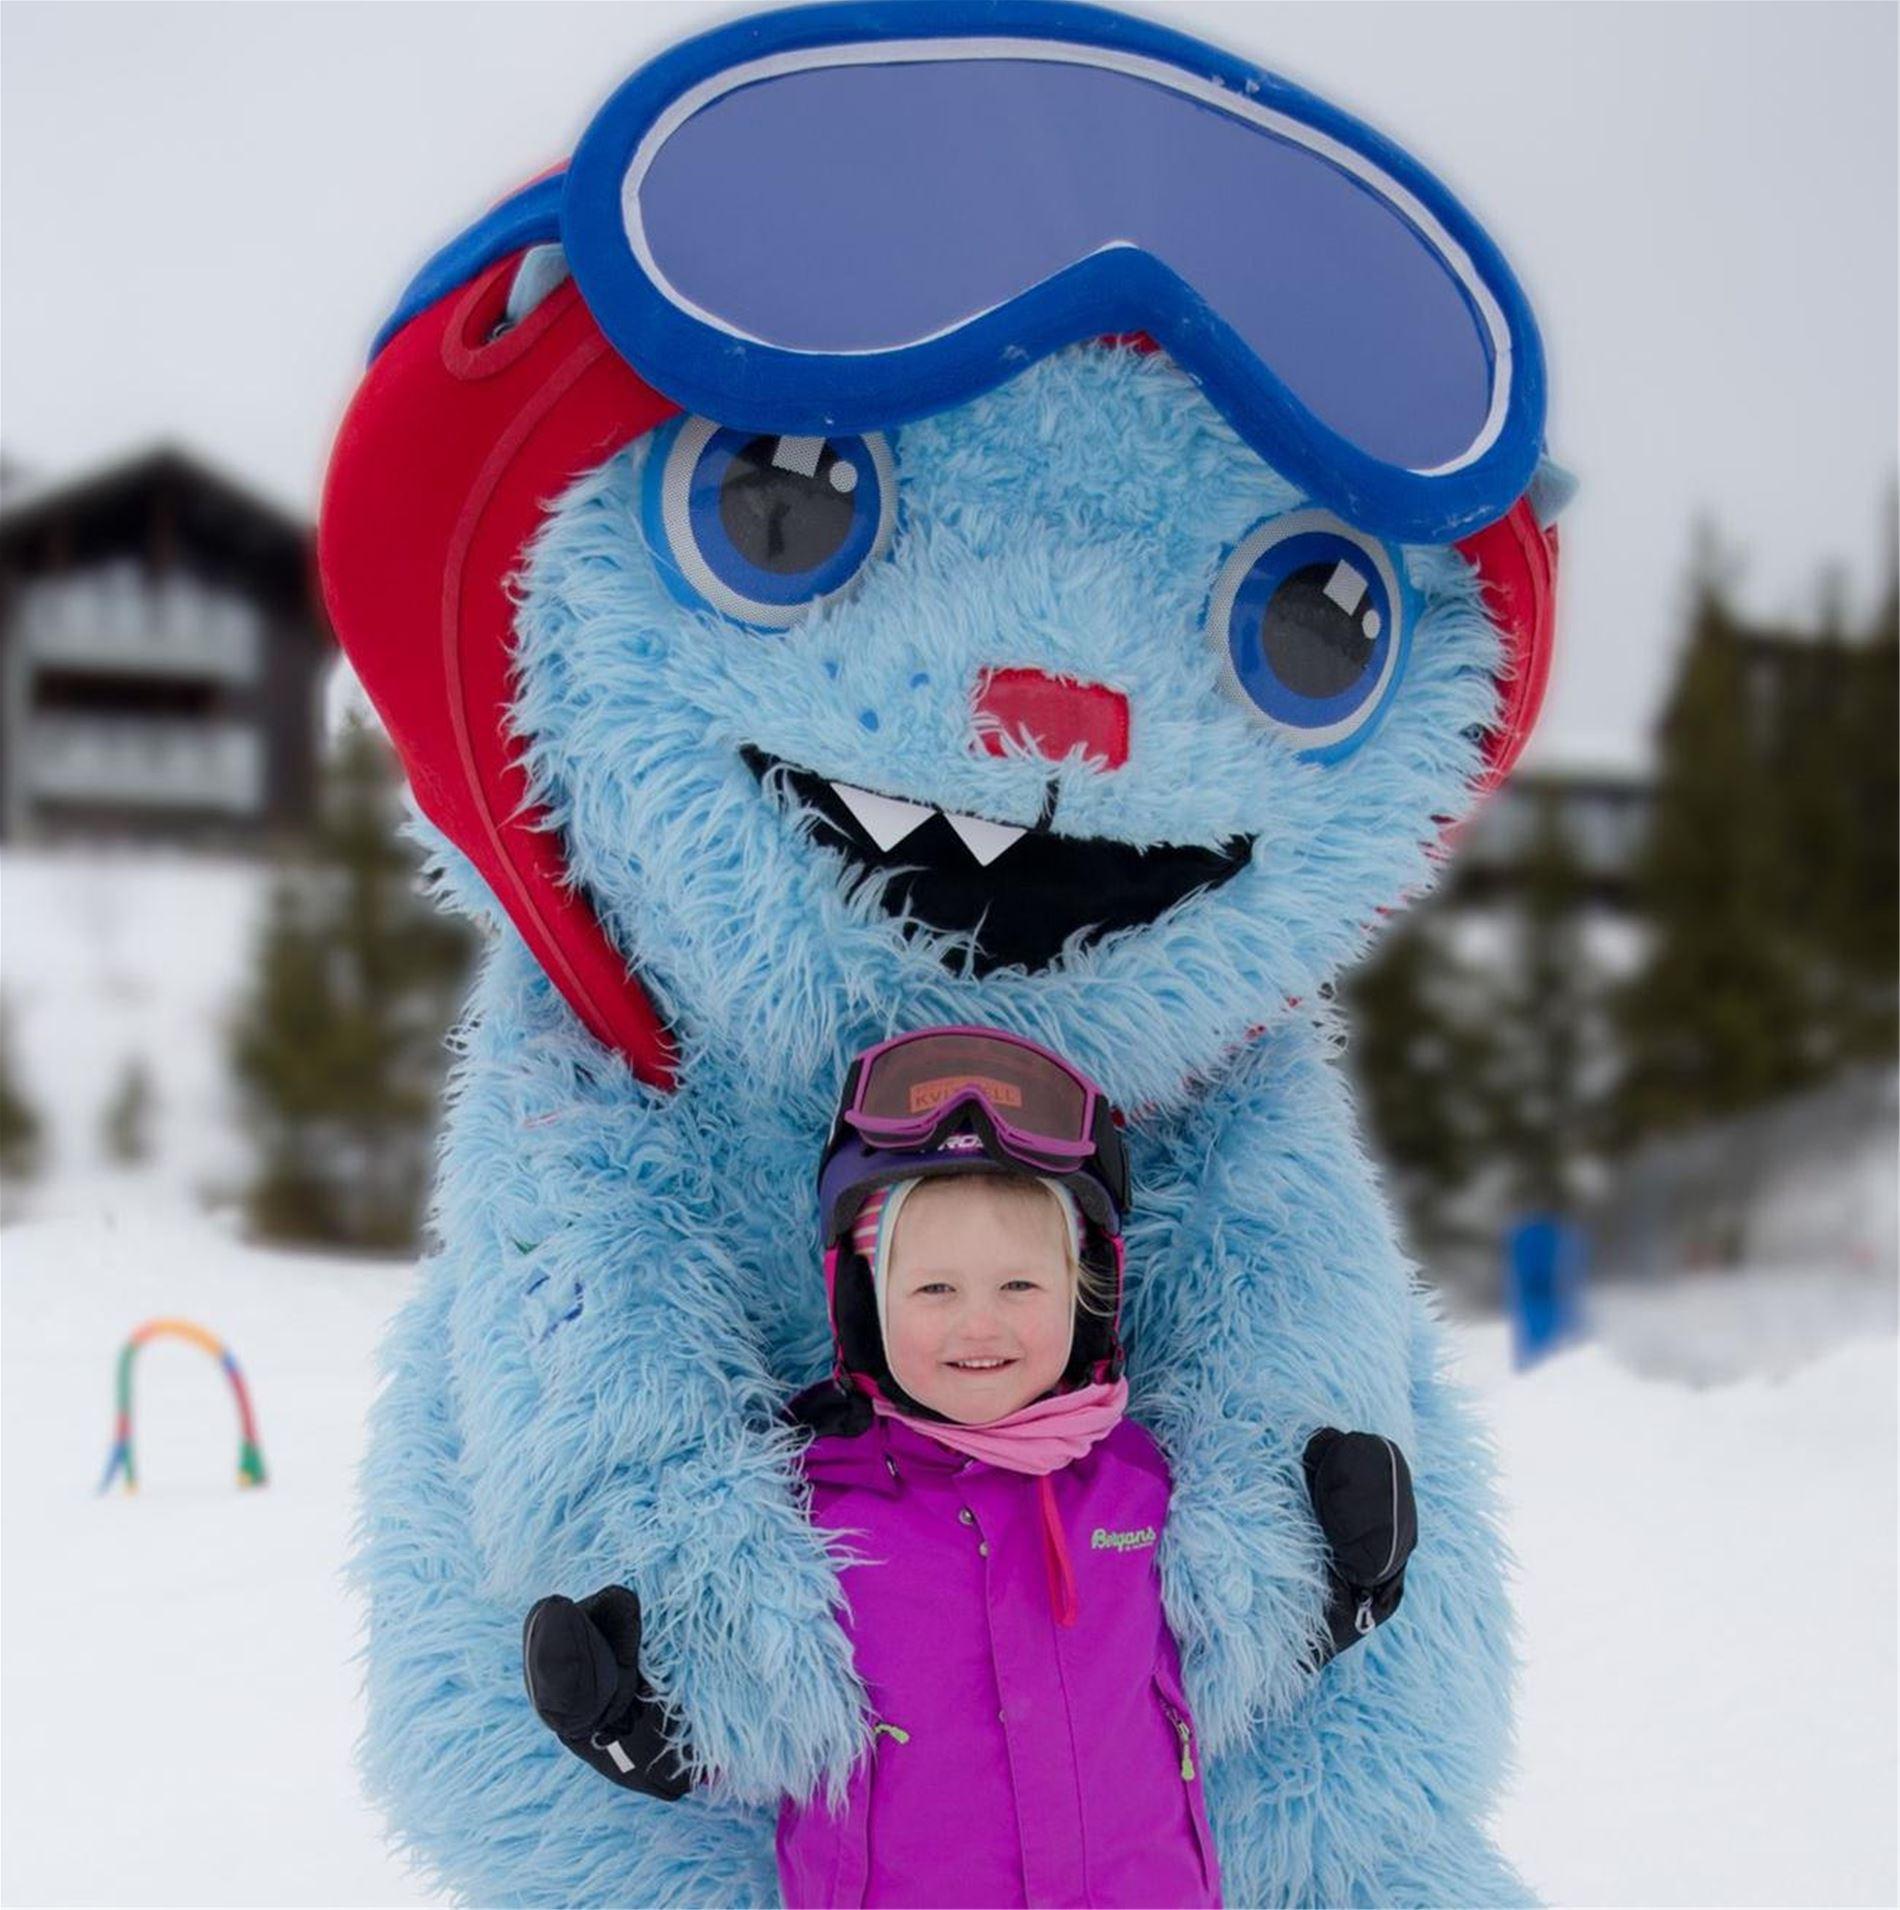 Møt Jøkul på skitorget